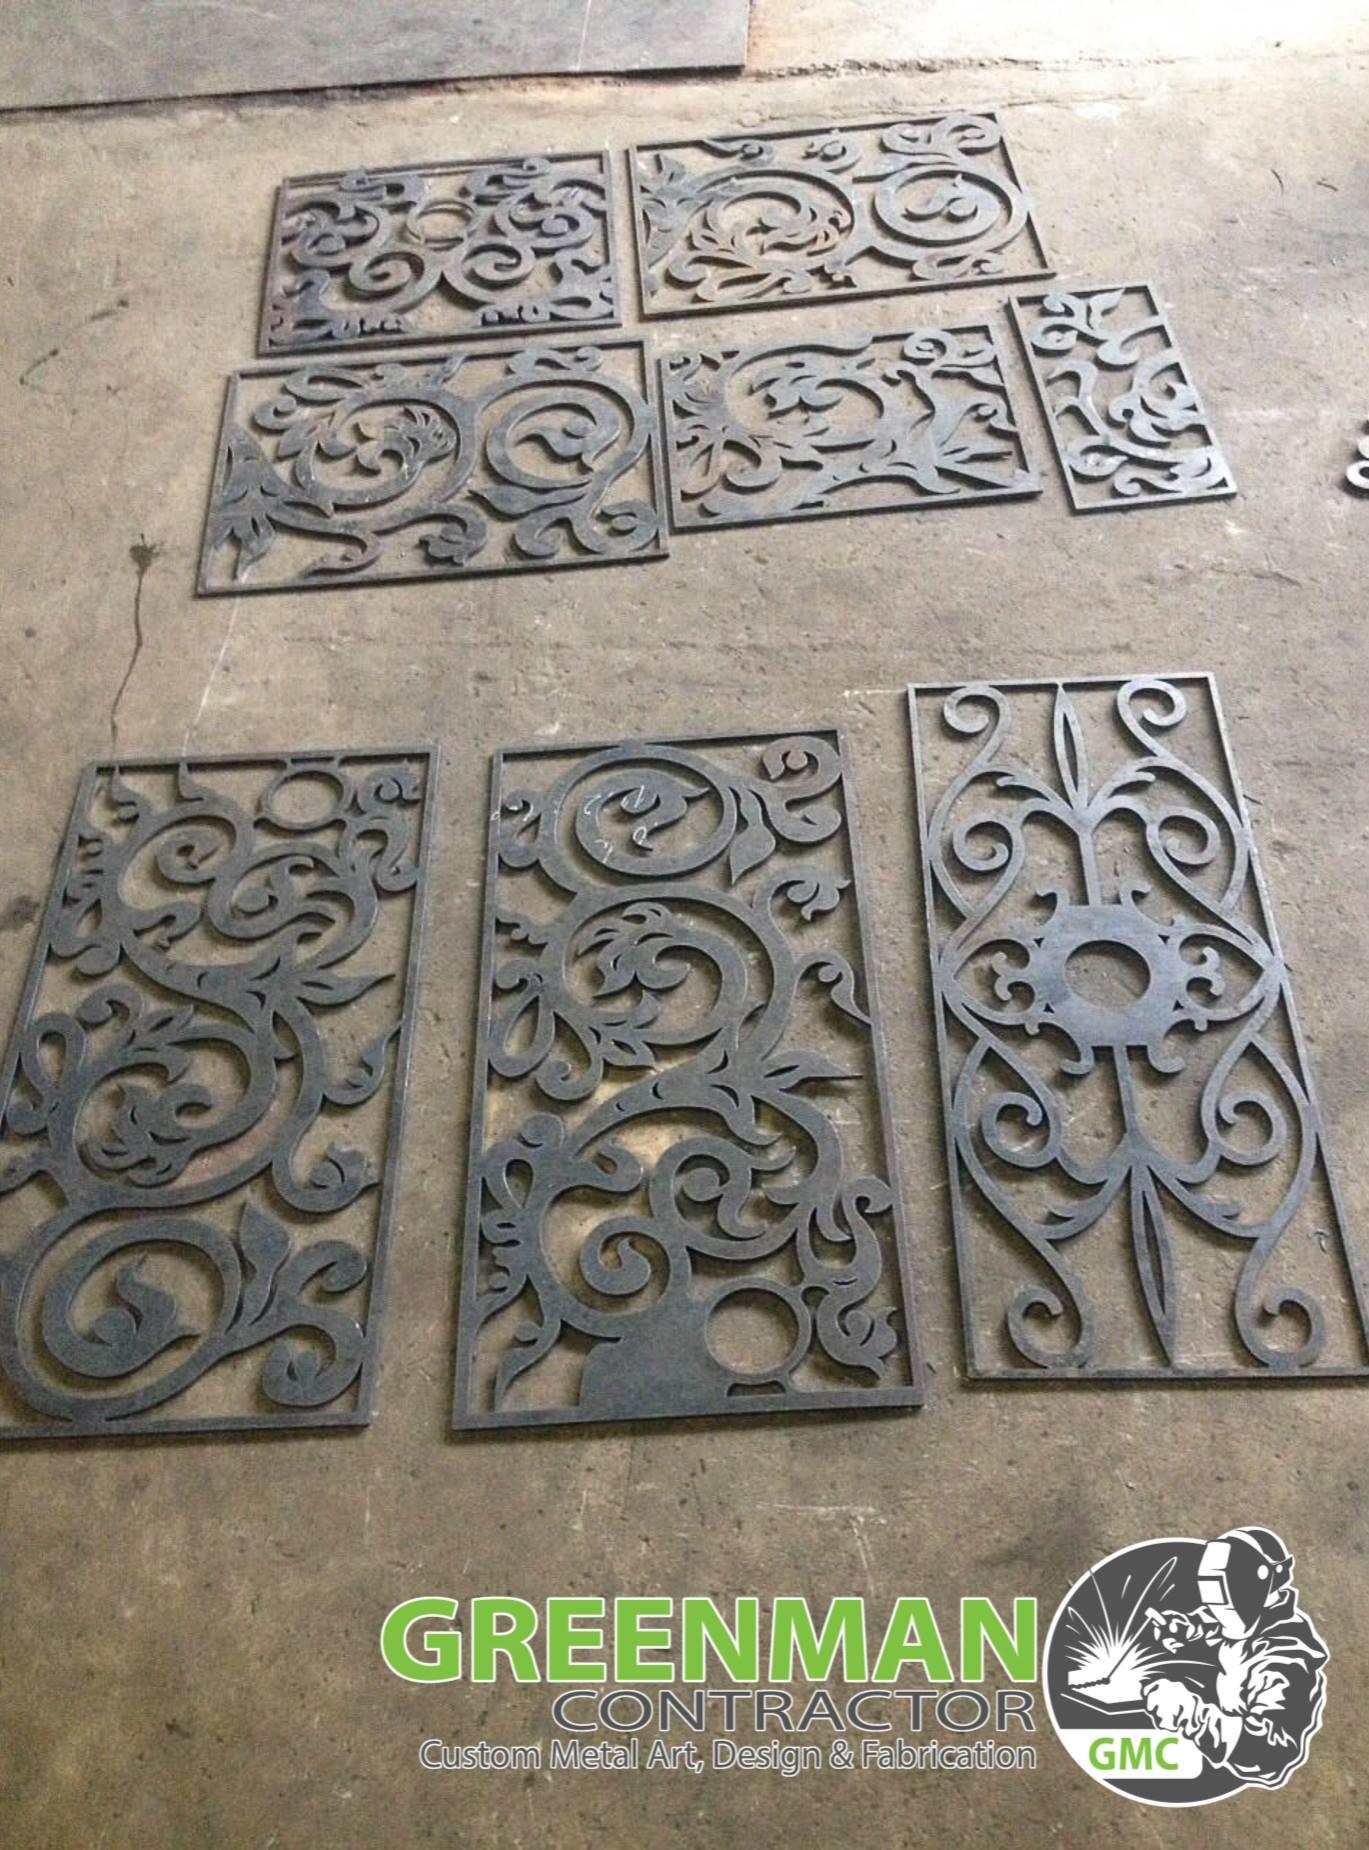 Gia công chi tiết sản phẩm panel cửa cổng tại Nhơn Trạch - Tỉnh Đồng Nai 15975164-639703206217047-867729923891363441-o